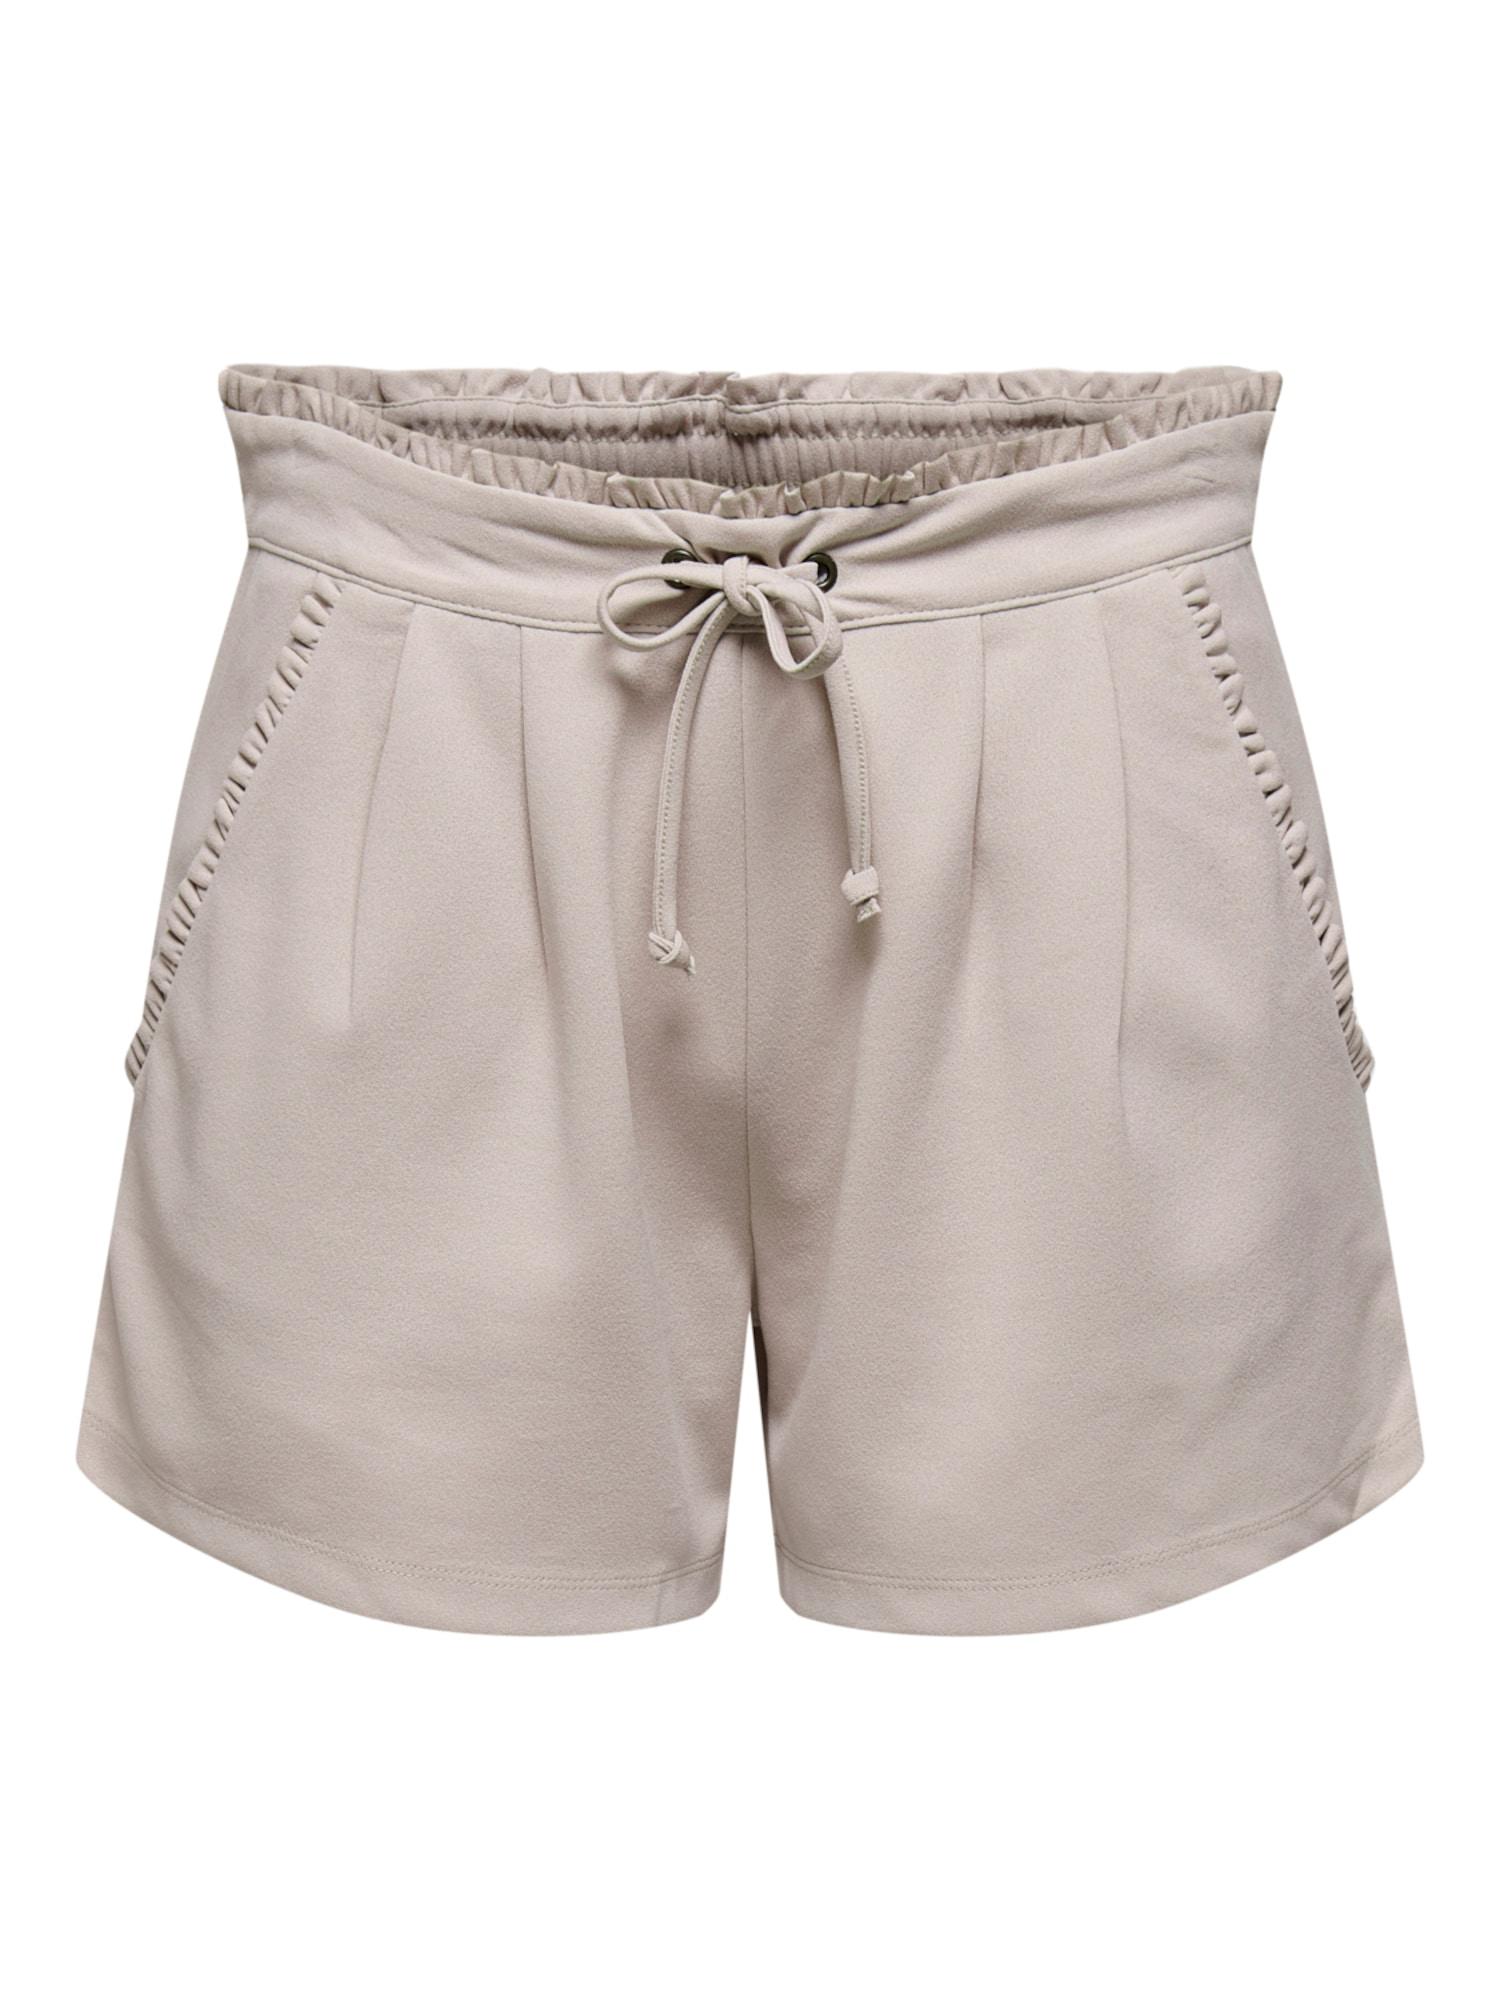 JACQUELINE de YONG Klostuotos kelnės 'New Catia' šviesiai pilka